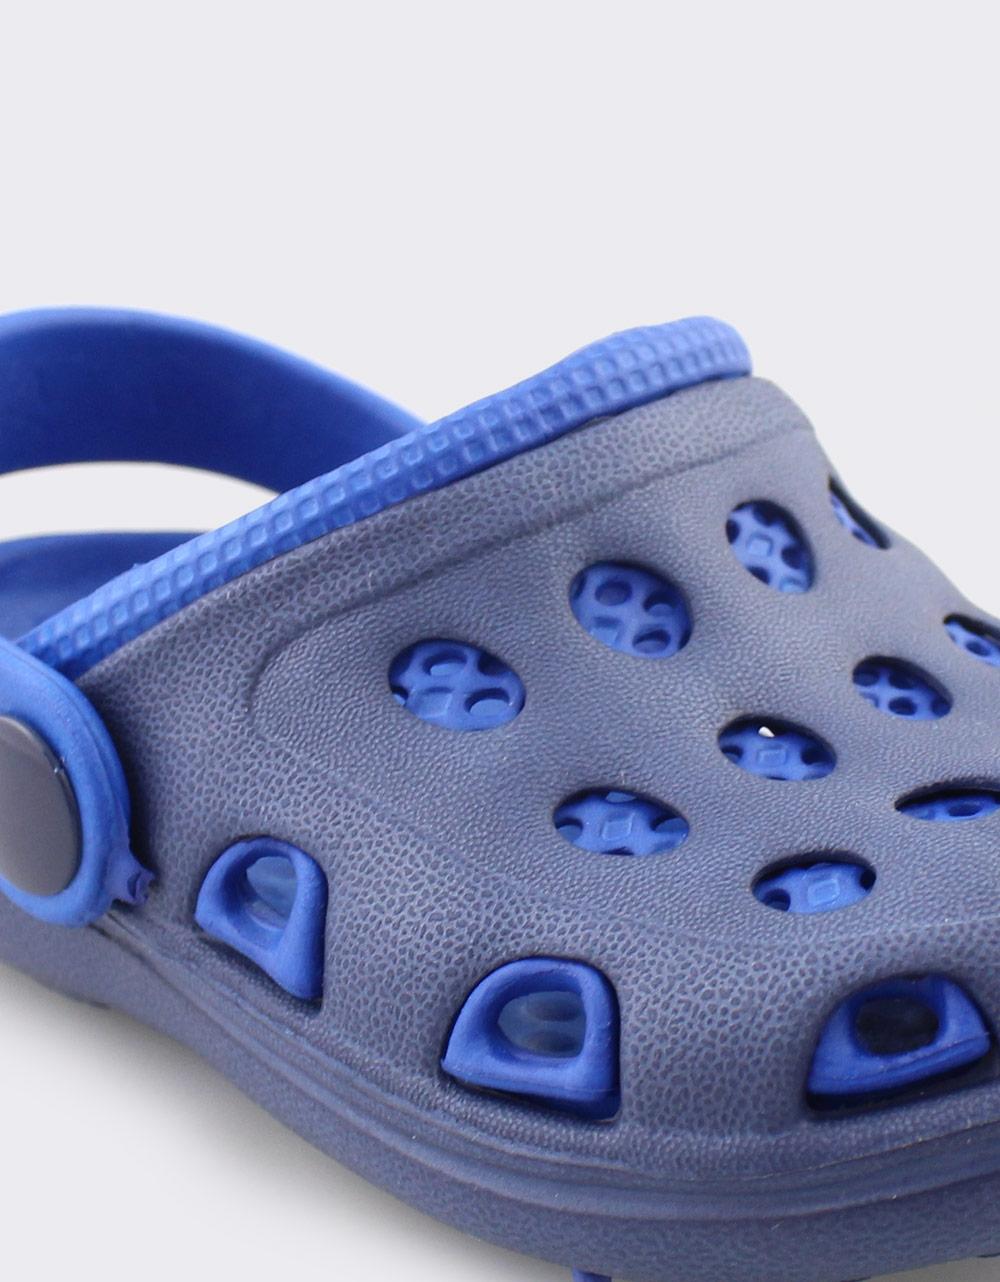 Εικόνα από Παιδικά σαμπό δίχρωμα με λουράκι Μπλε Σκούρο